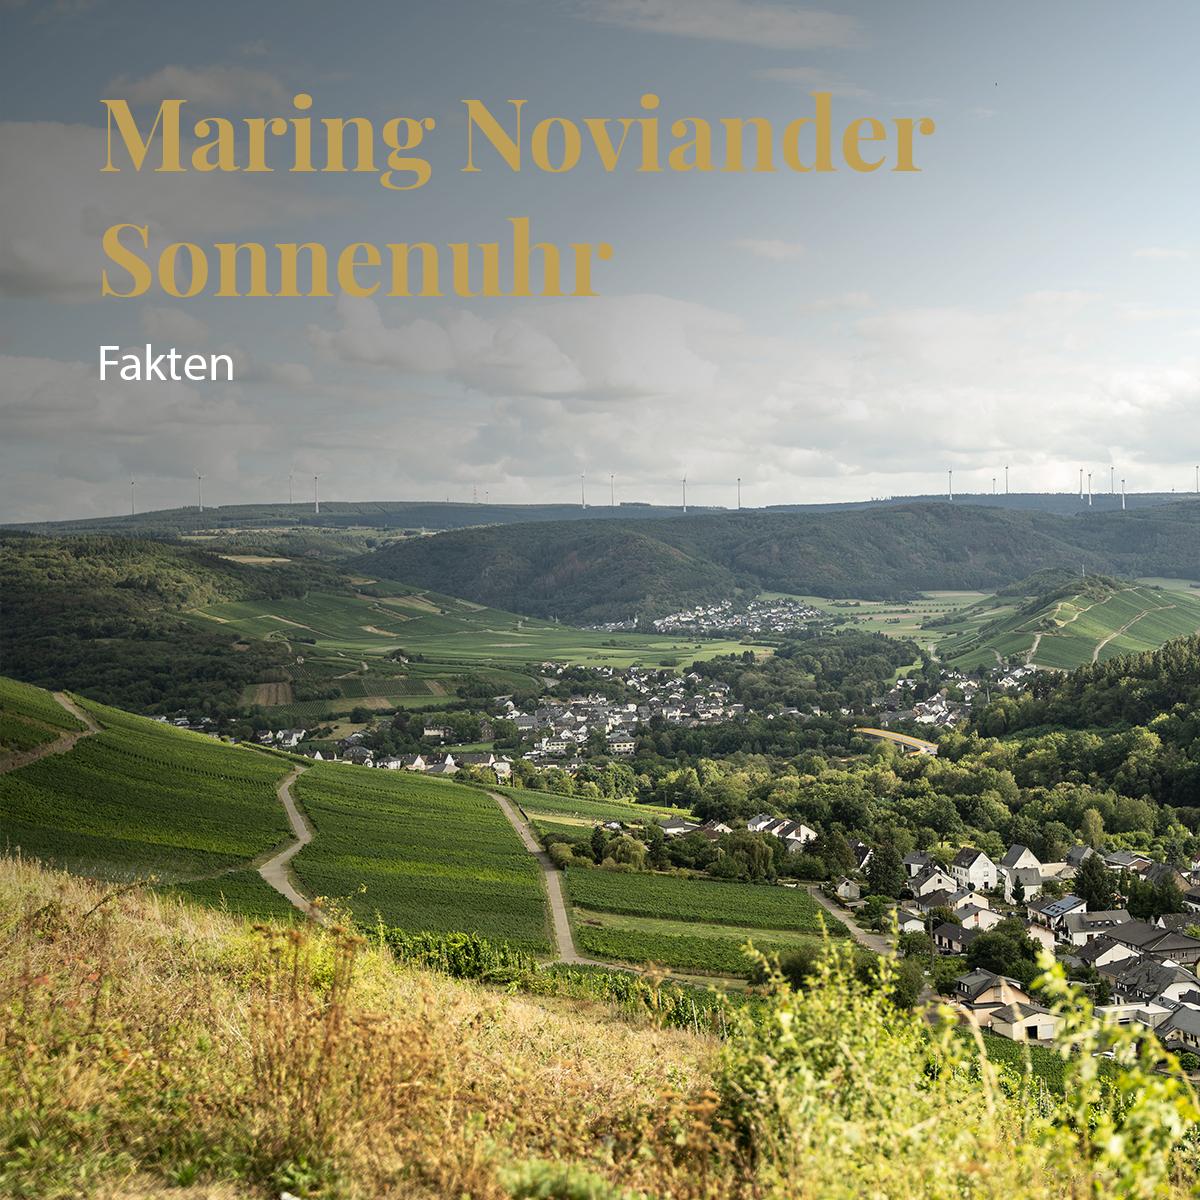 Maring Noviander Sonnenuhr - Weingut Hubertushof Lieser